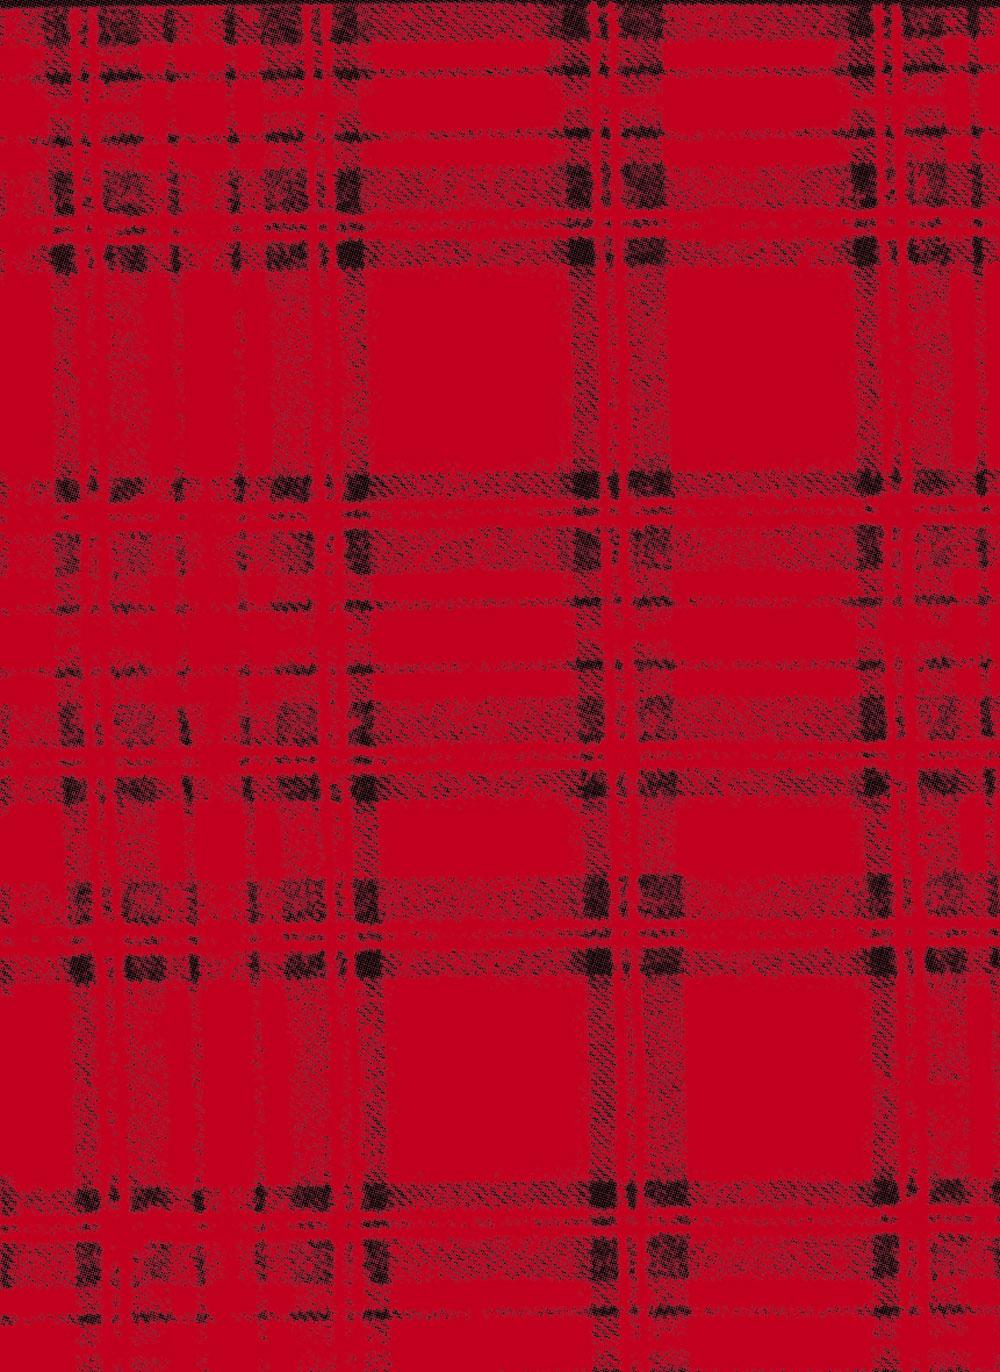 red-tartan.jpg